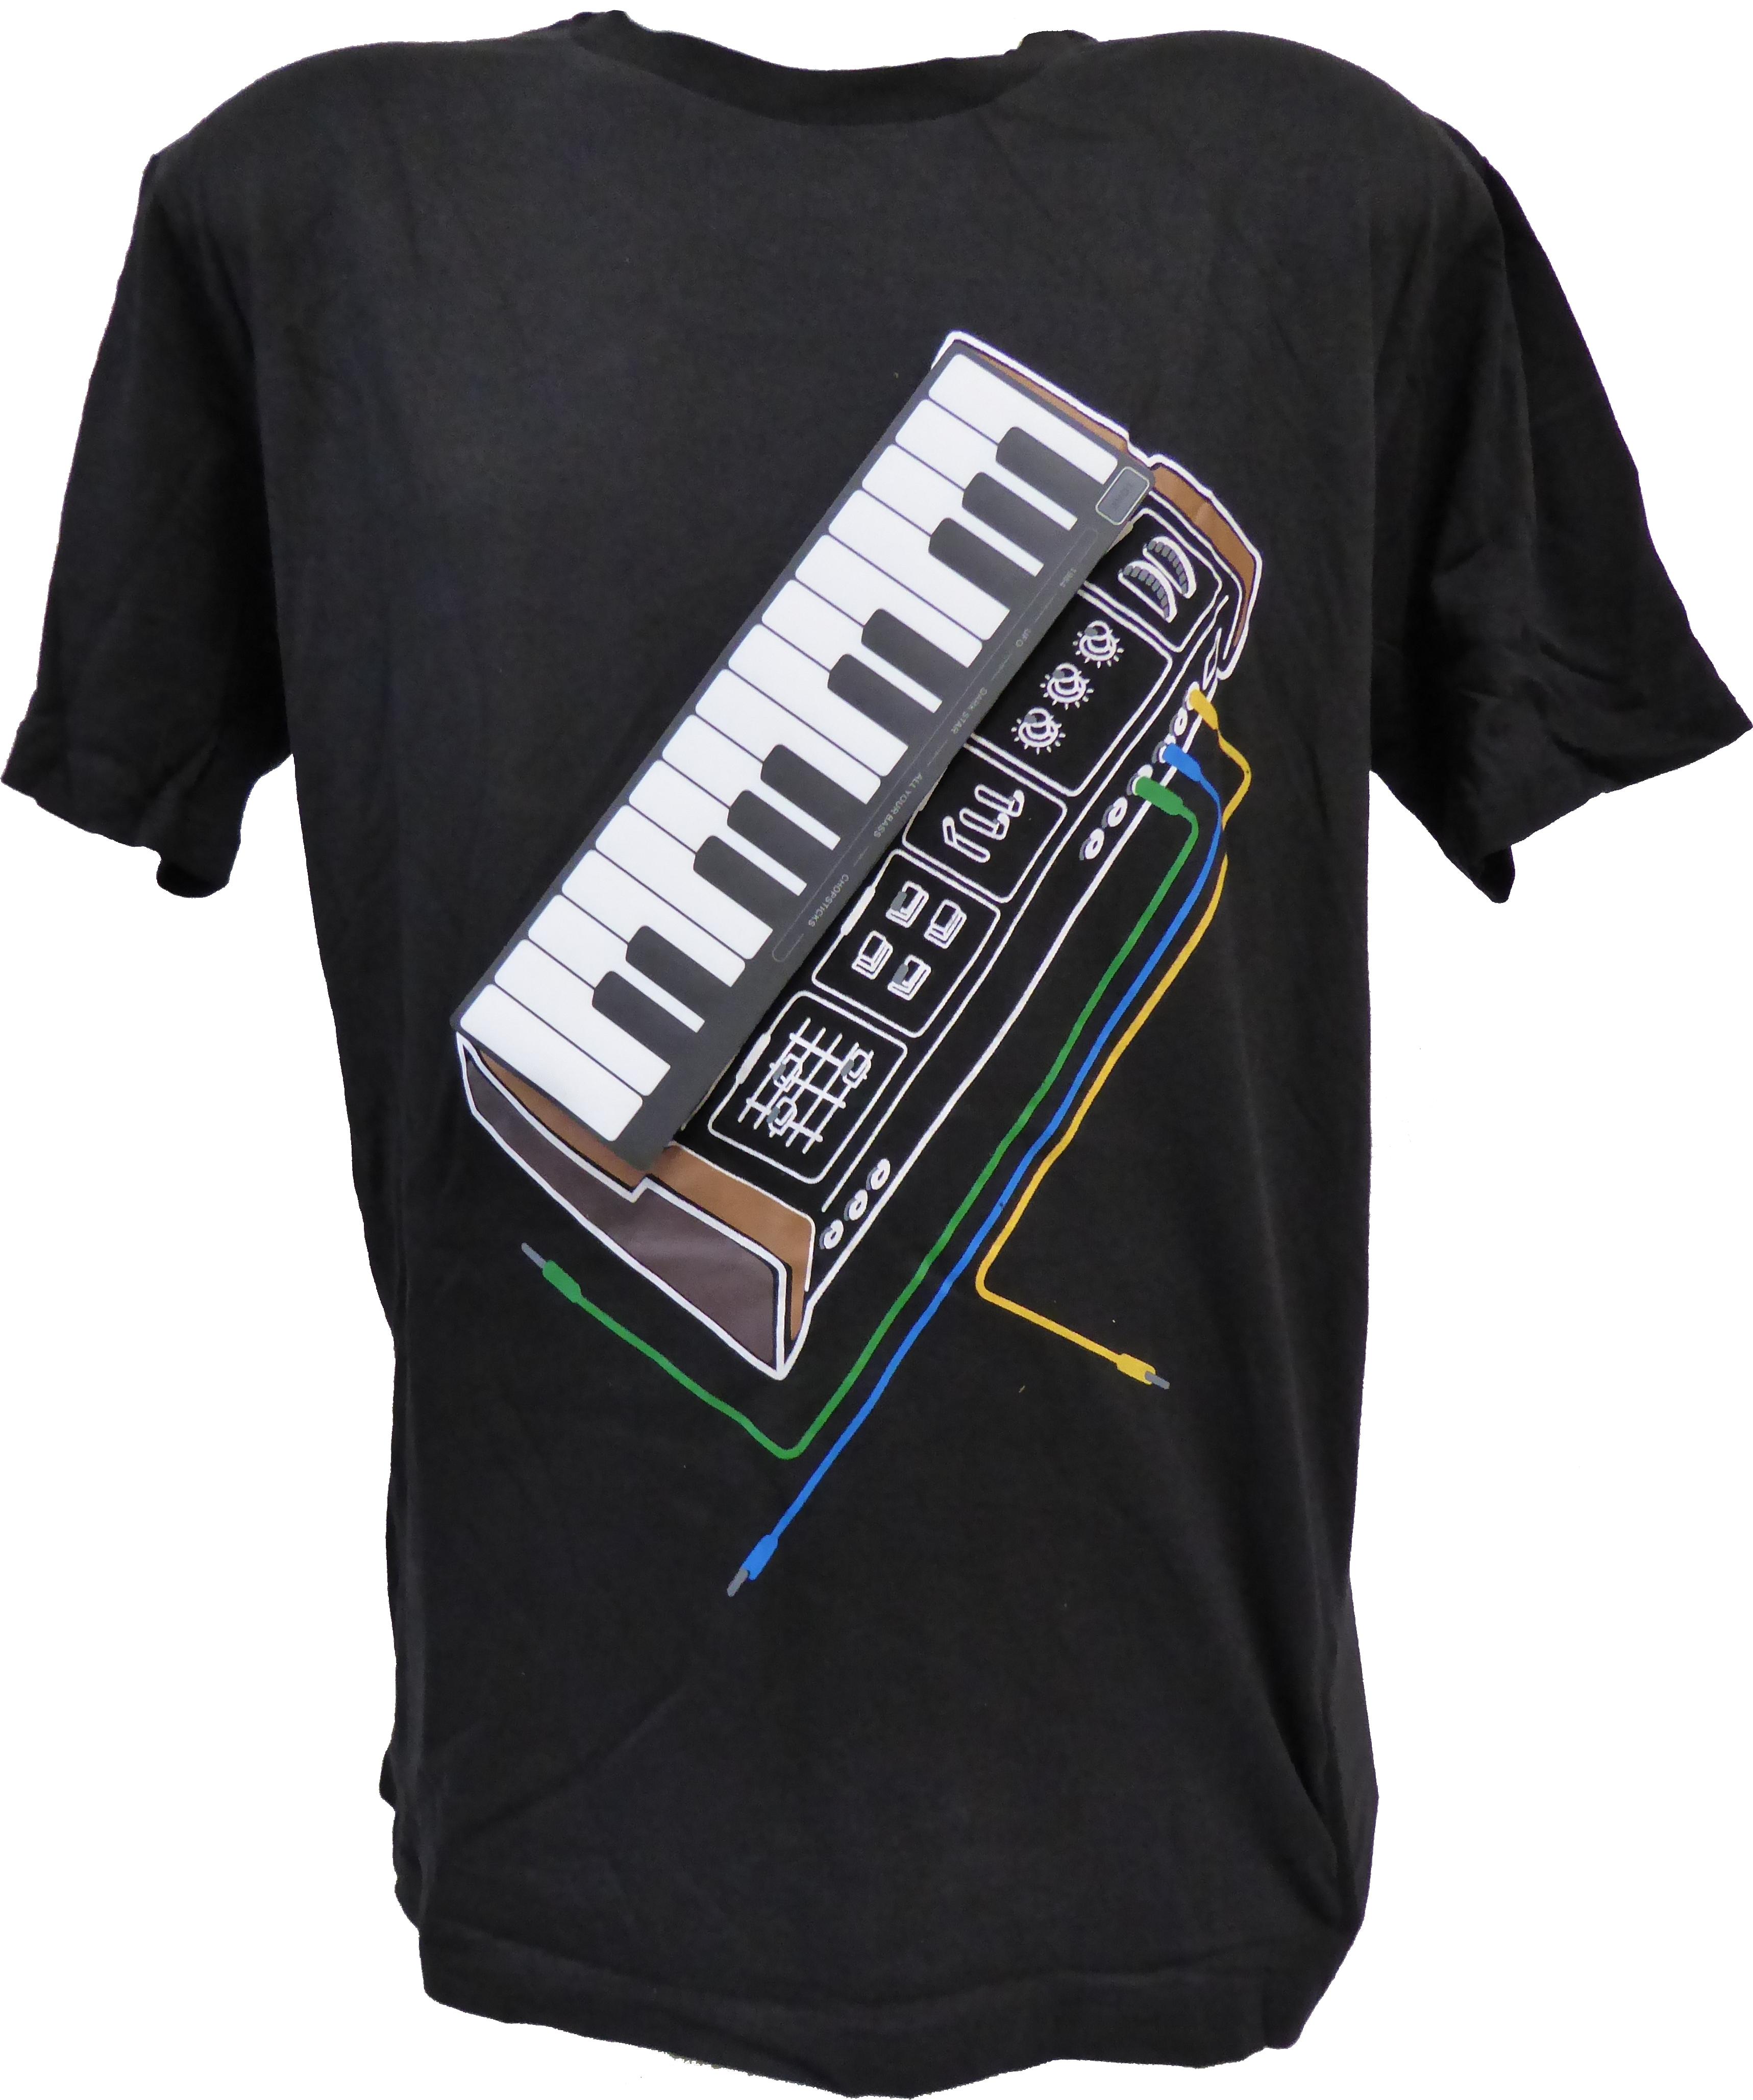 Elektronické hrající Piano tričko